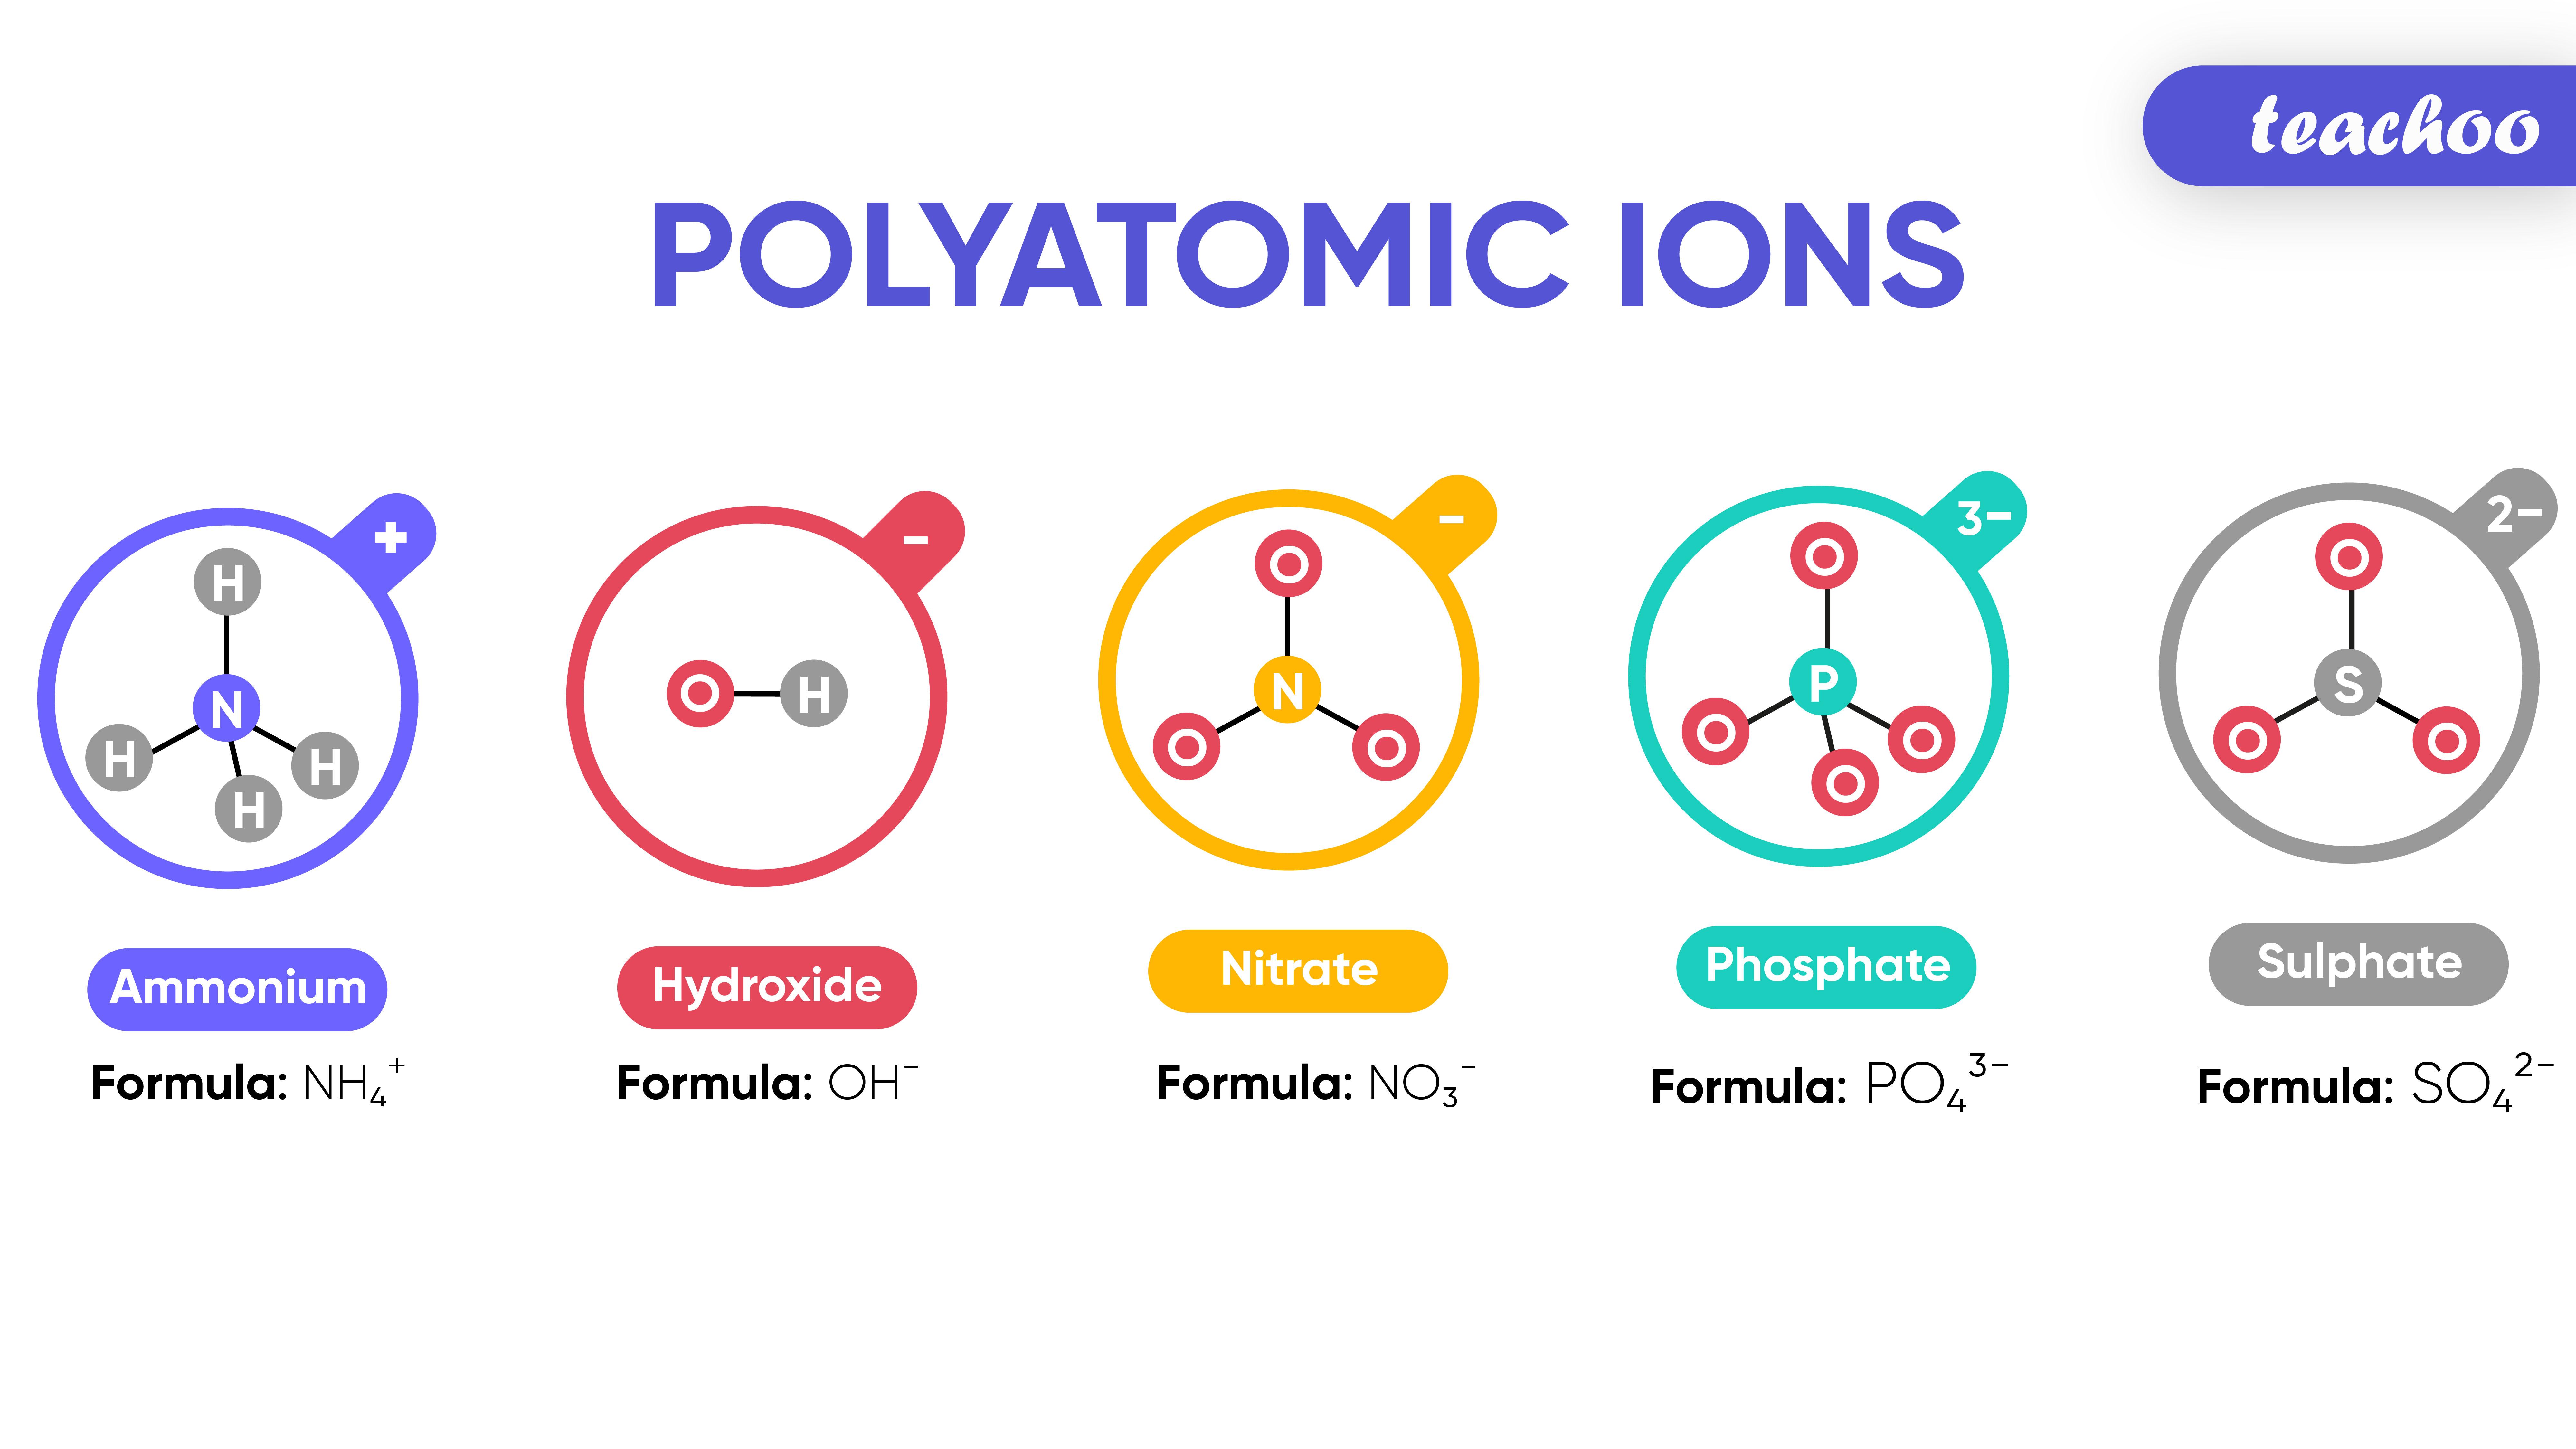 Examples of Polyatomic Ions-Teachoo-01.jpg